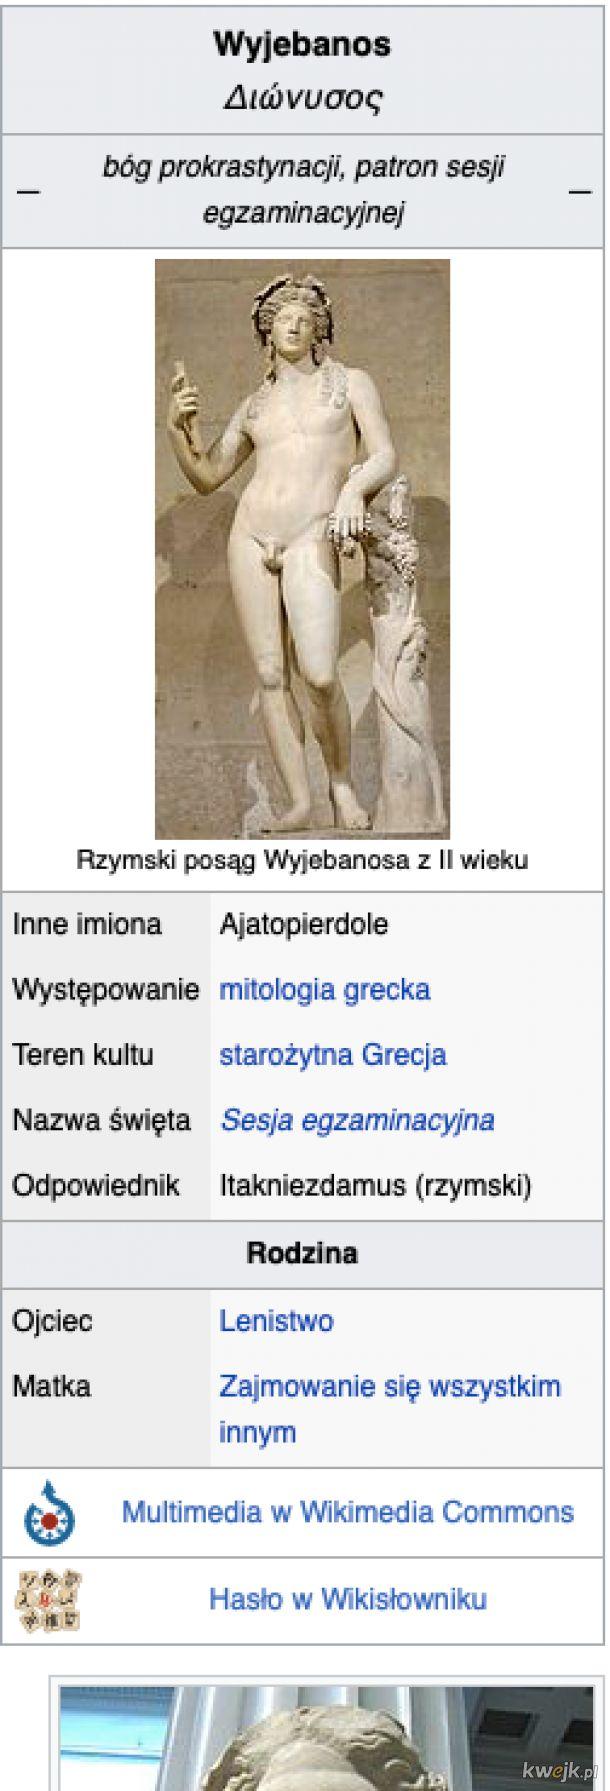 Patron sesji w mitologii studenckiej